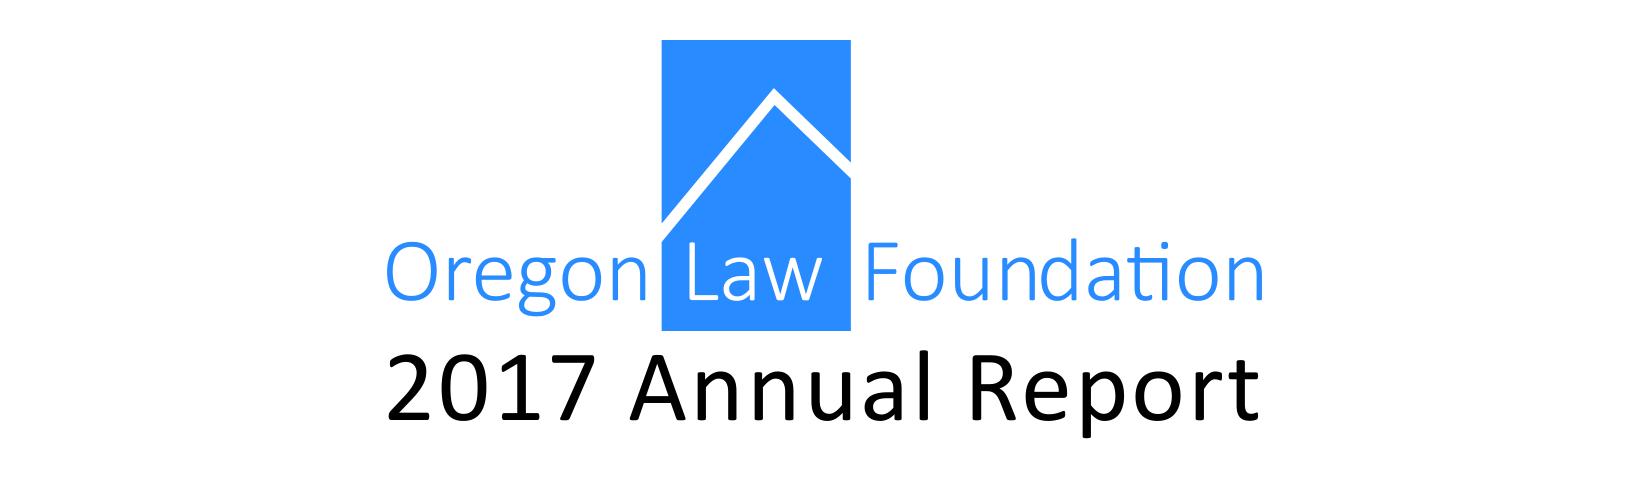 Oregon Law Foundation